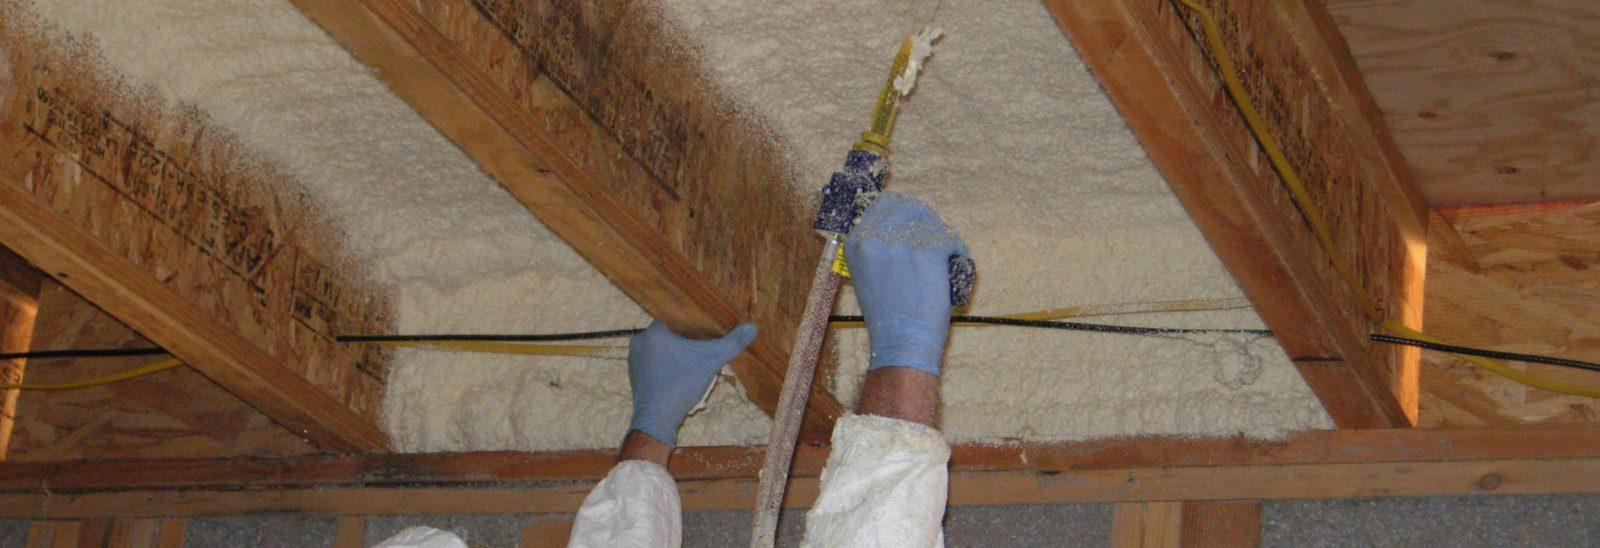 утеплить деревянные стропила пеной из баллона